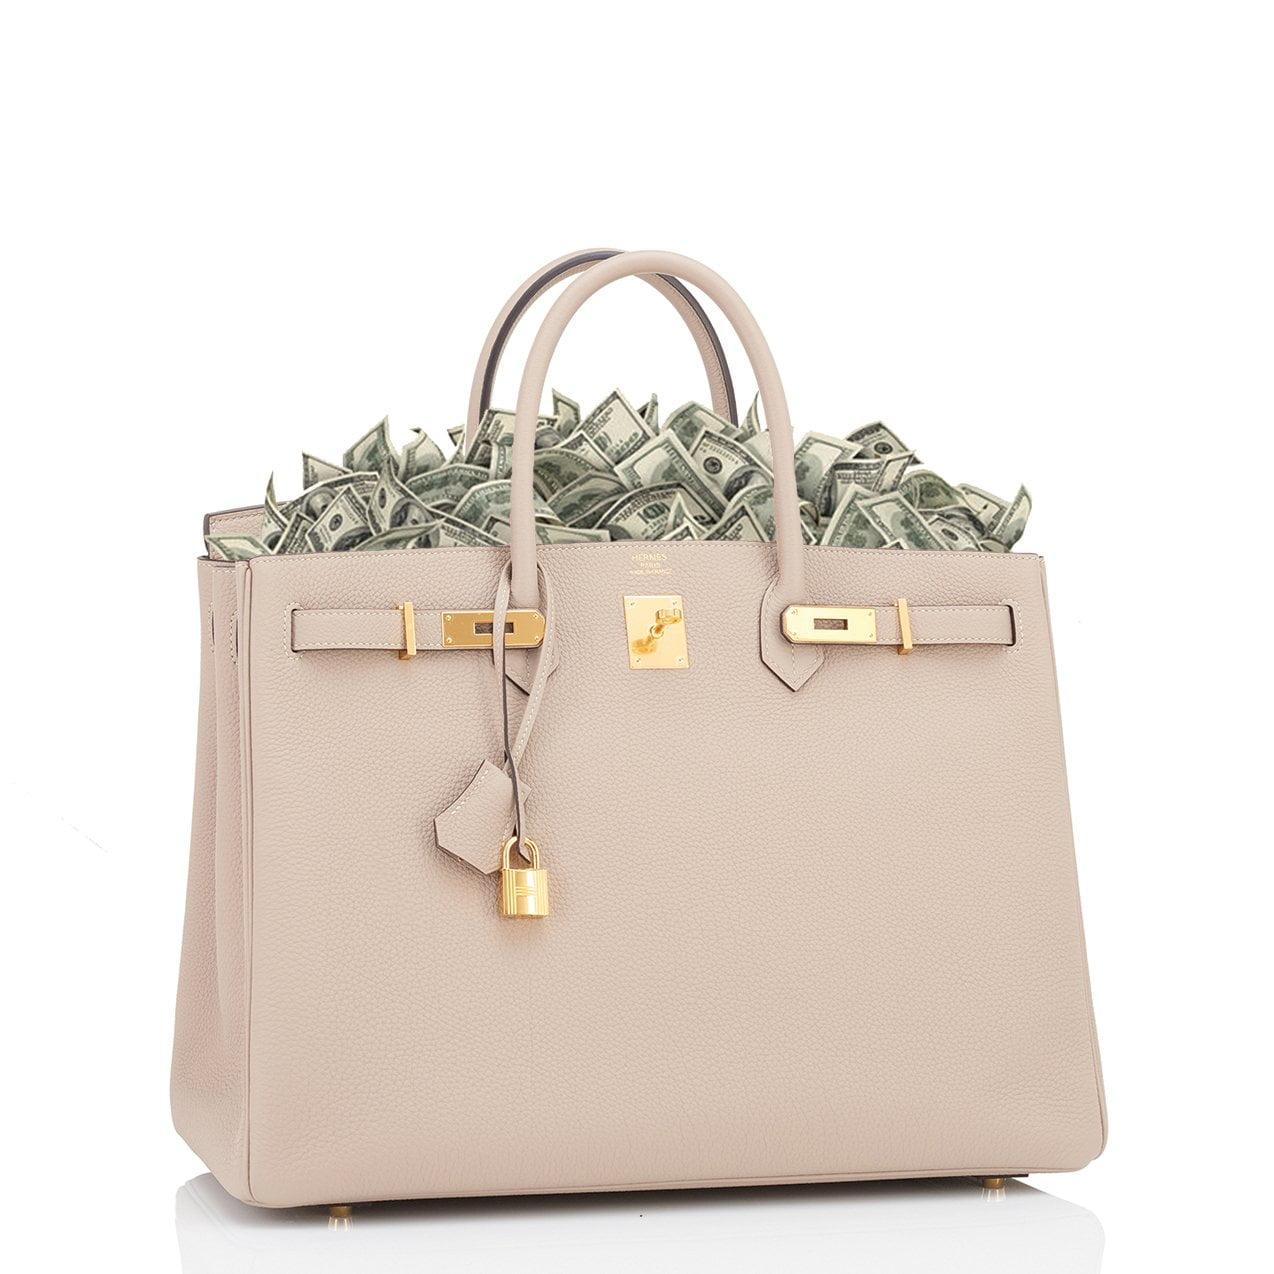 Hermès leads luxury financials in Q1 2020